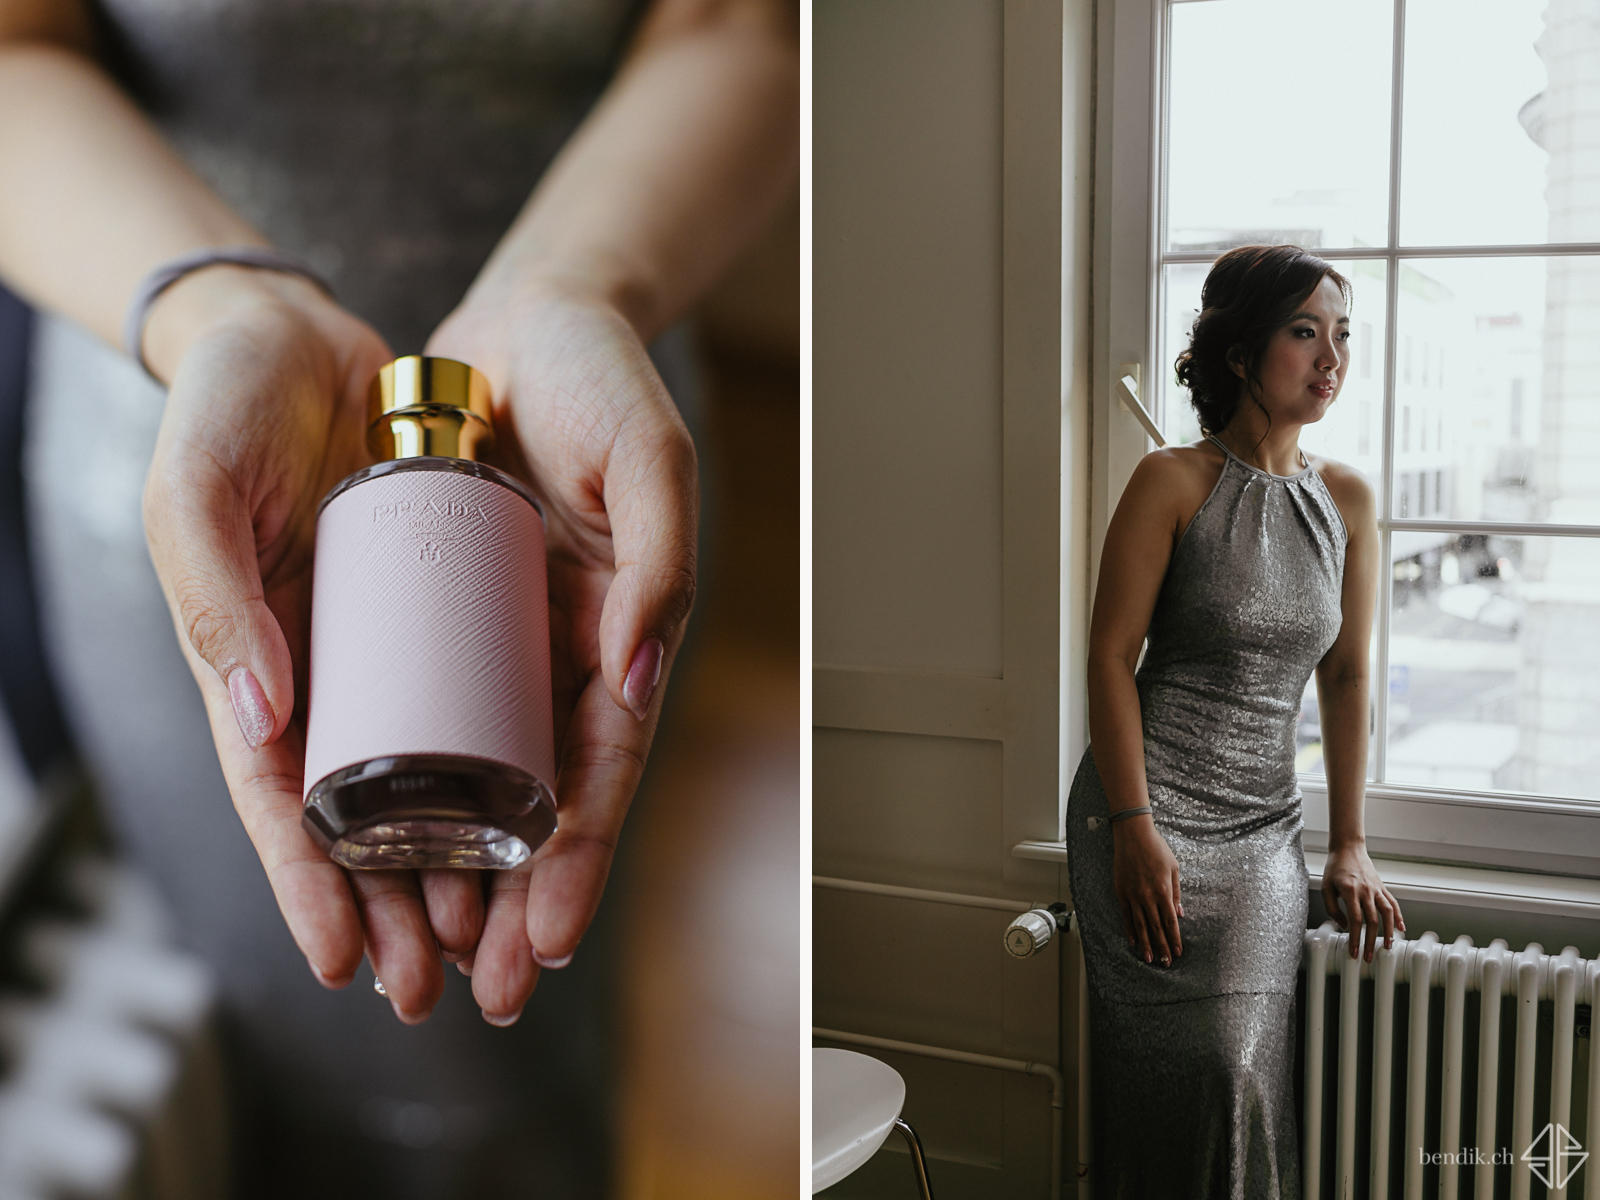 Braut steht in elegantem Kleid am Fenster und hält Parfümflasche in die Kamera